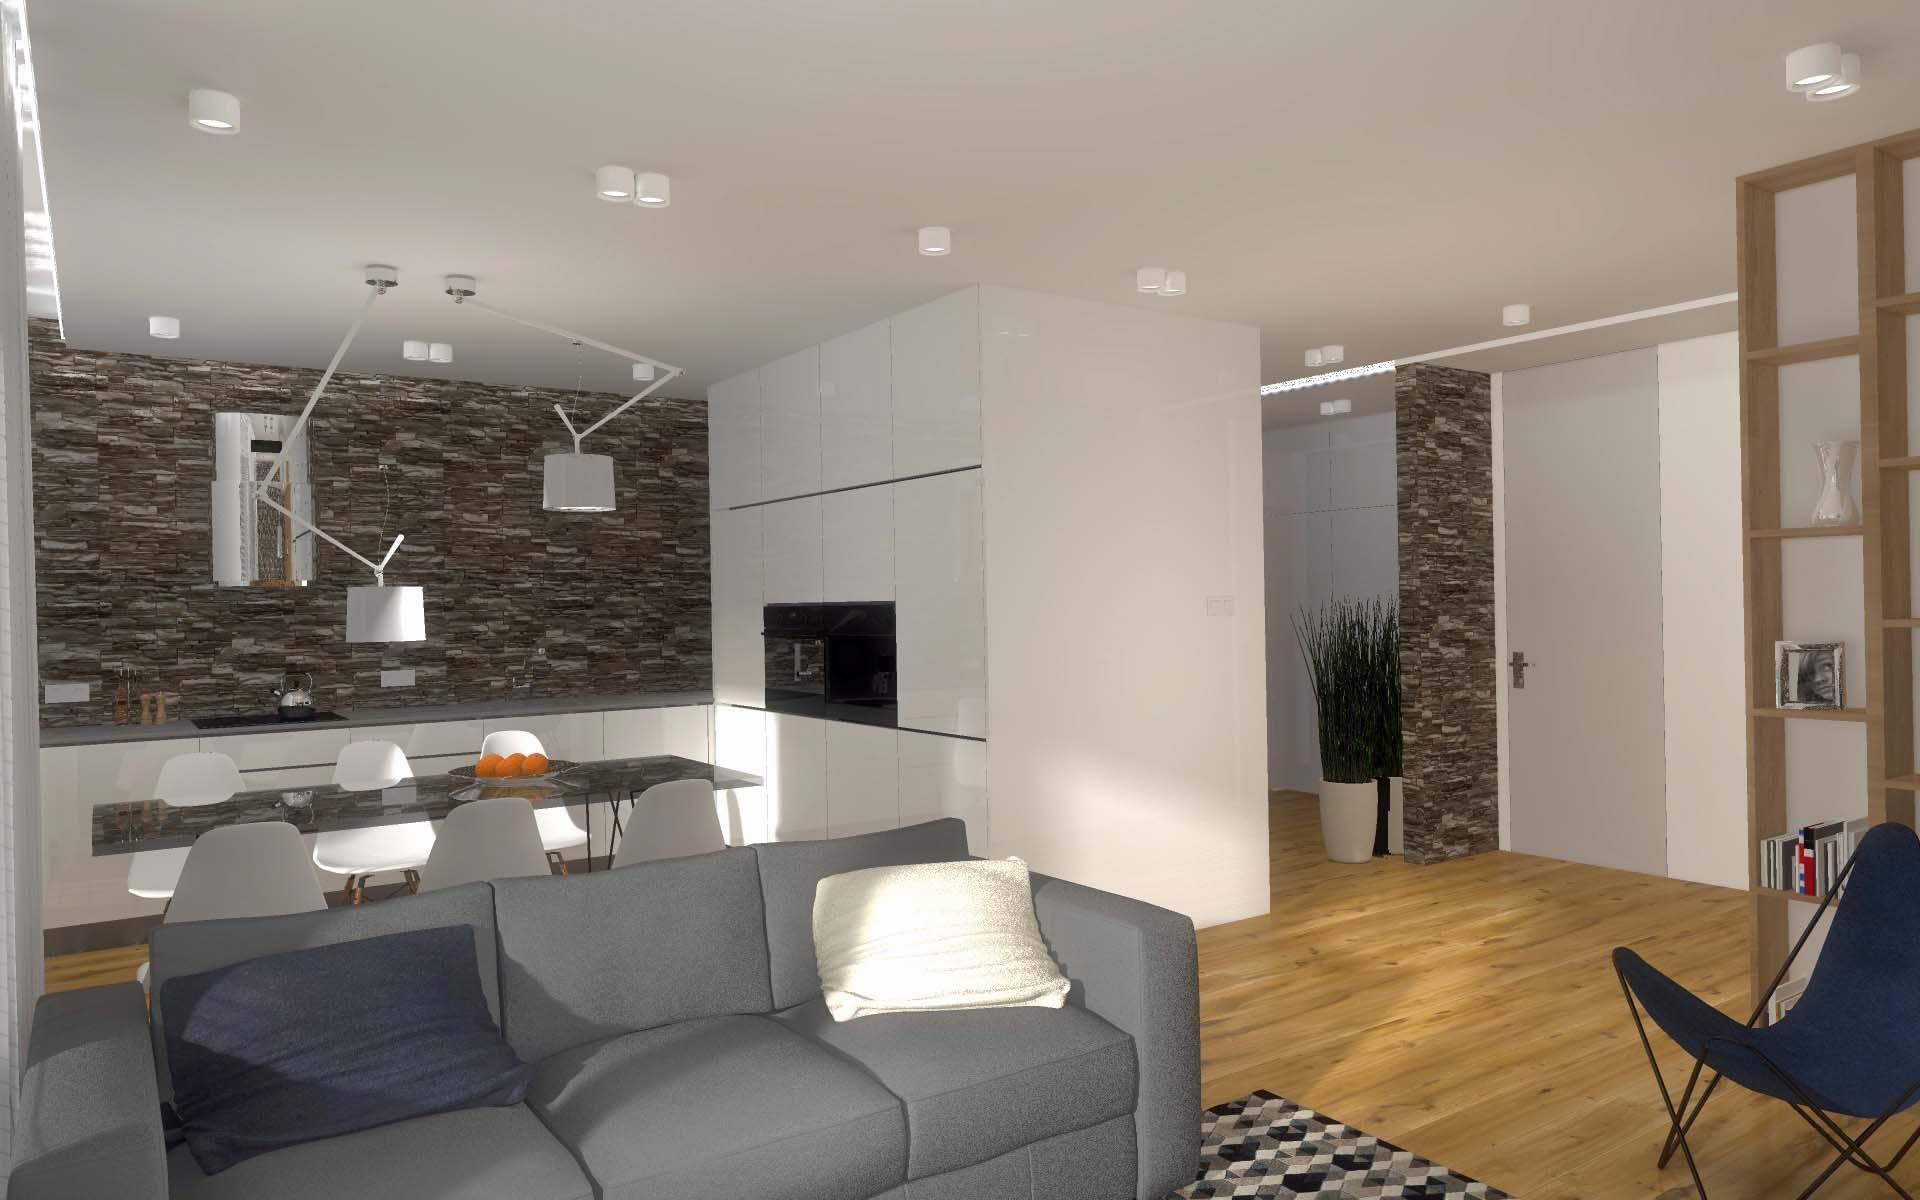 Projekt i aranżacja mieszkania Atrium Park Bydgoszcz  Mobiliani Design Bydgo   -> Salon Kuchni Rumia